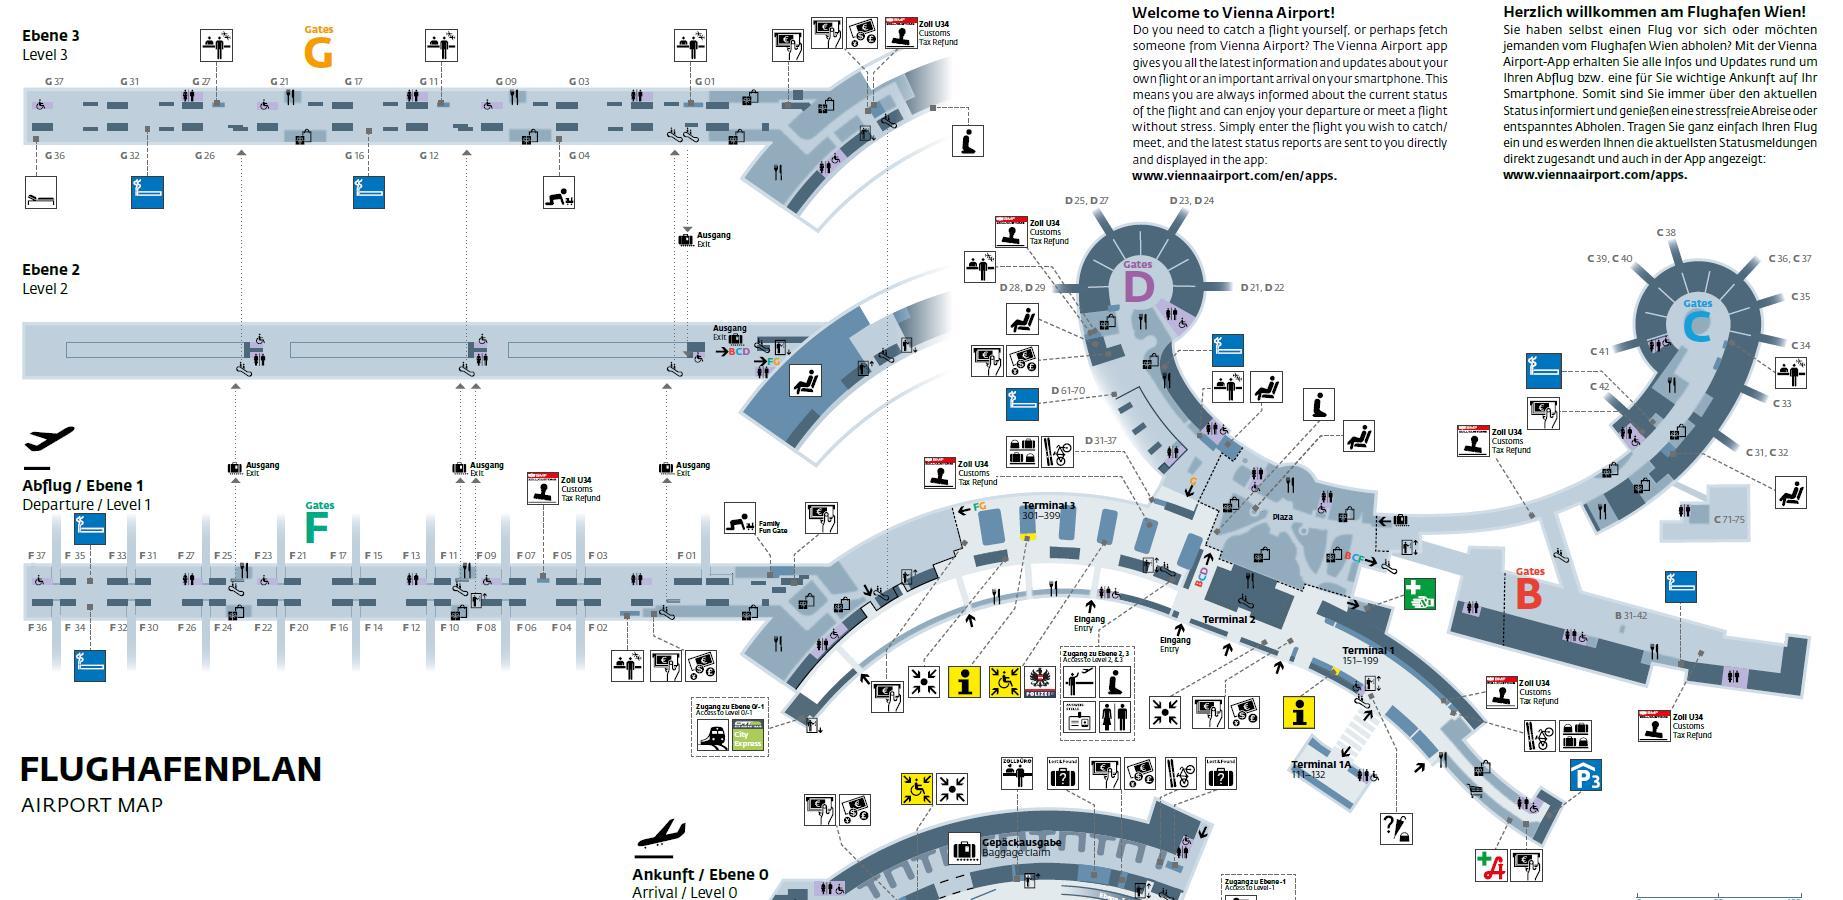 Flughafen Wien Karte Vienna Austria Lageplan Osterreich